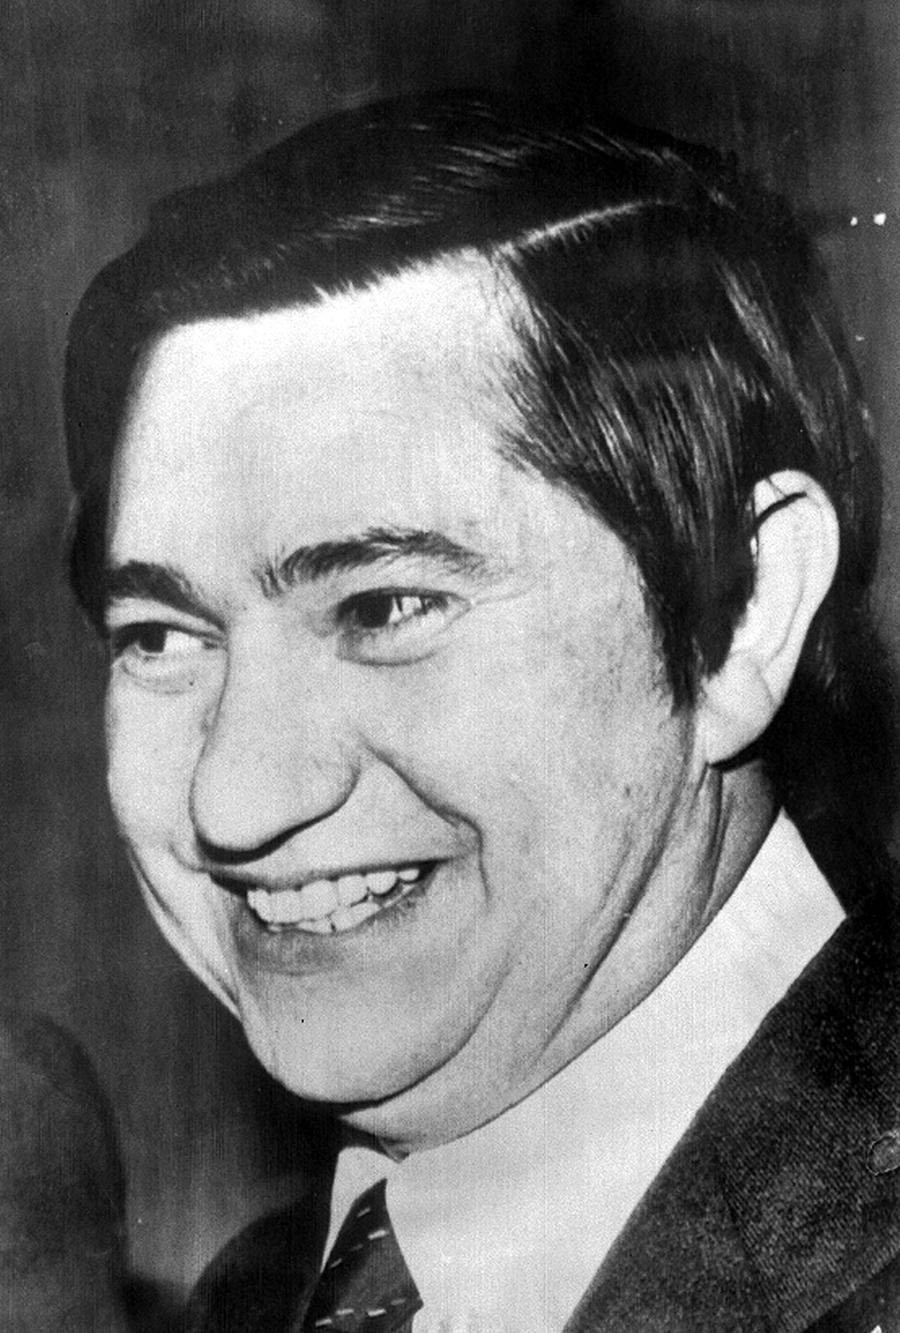 Pierluigi Torregiani, il gioielliere ucciso nel '79 dai Pac (Proletari armati per il comunismo)